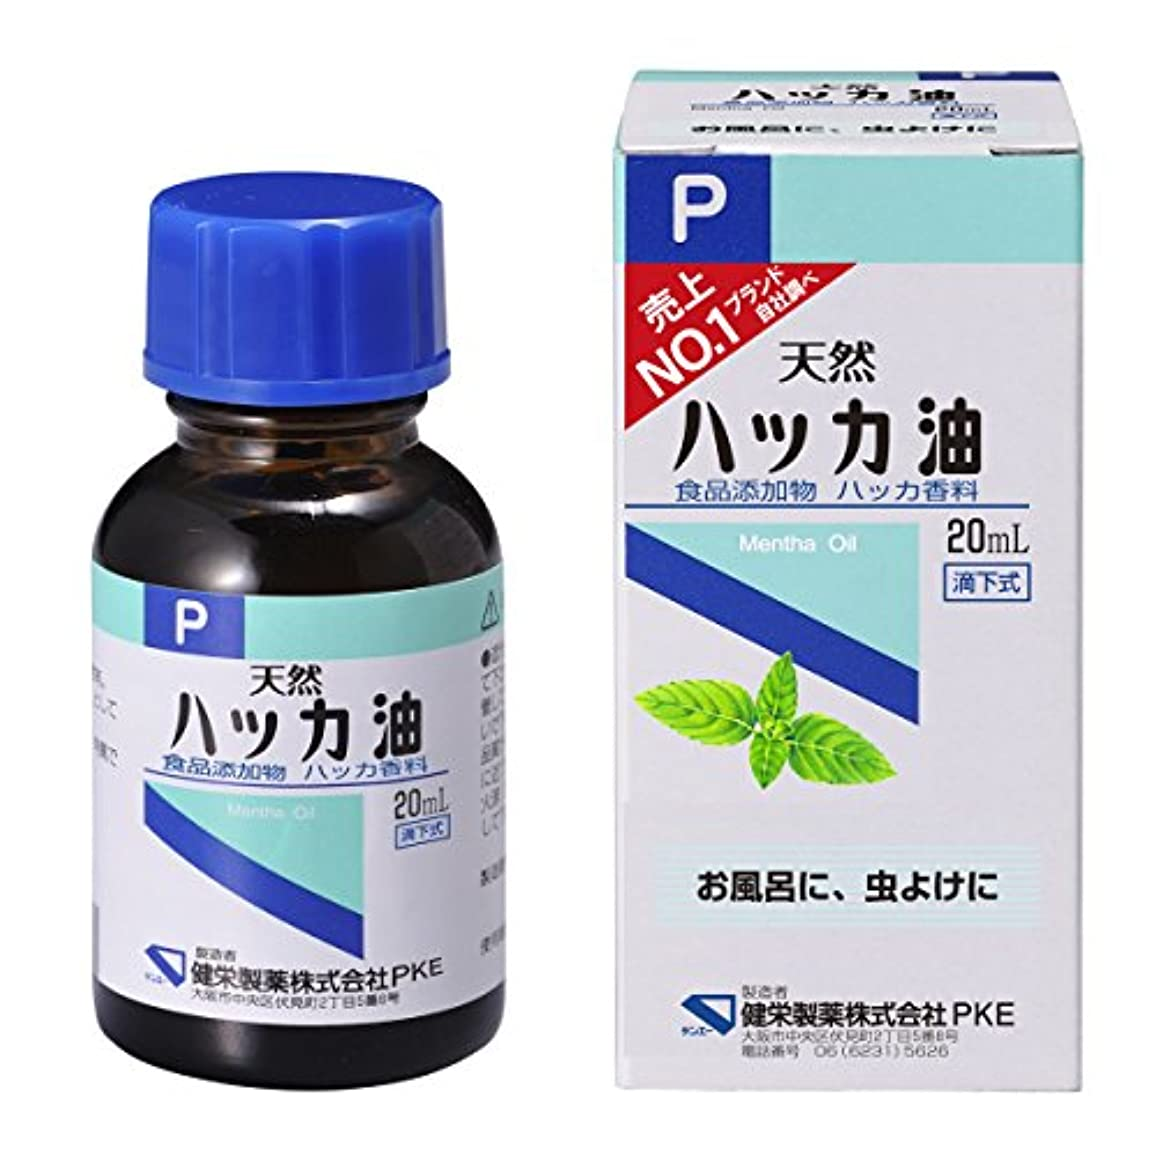 スリル獲物ステレオ【食品添加物】ハッカ油P 20ml(アロマ?お風呂?虫よけ)